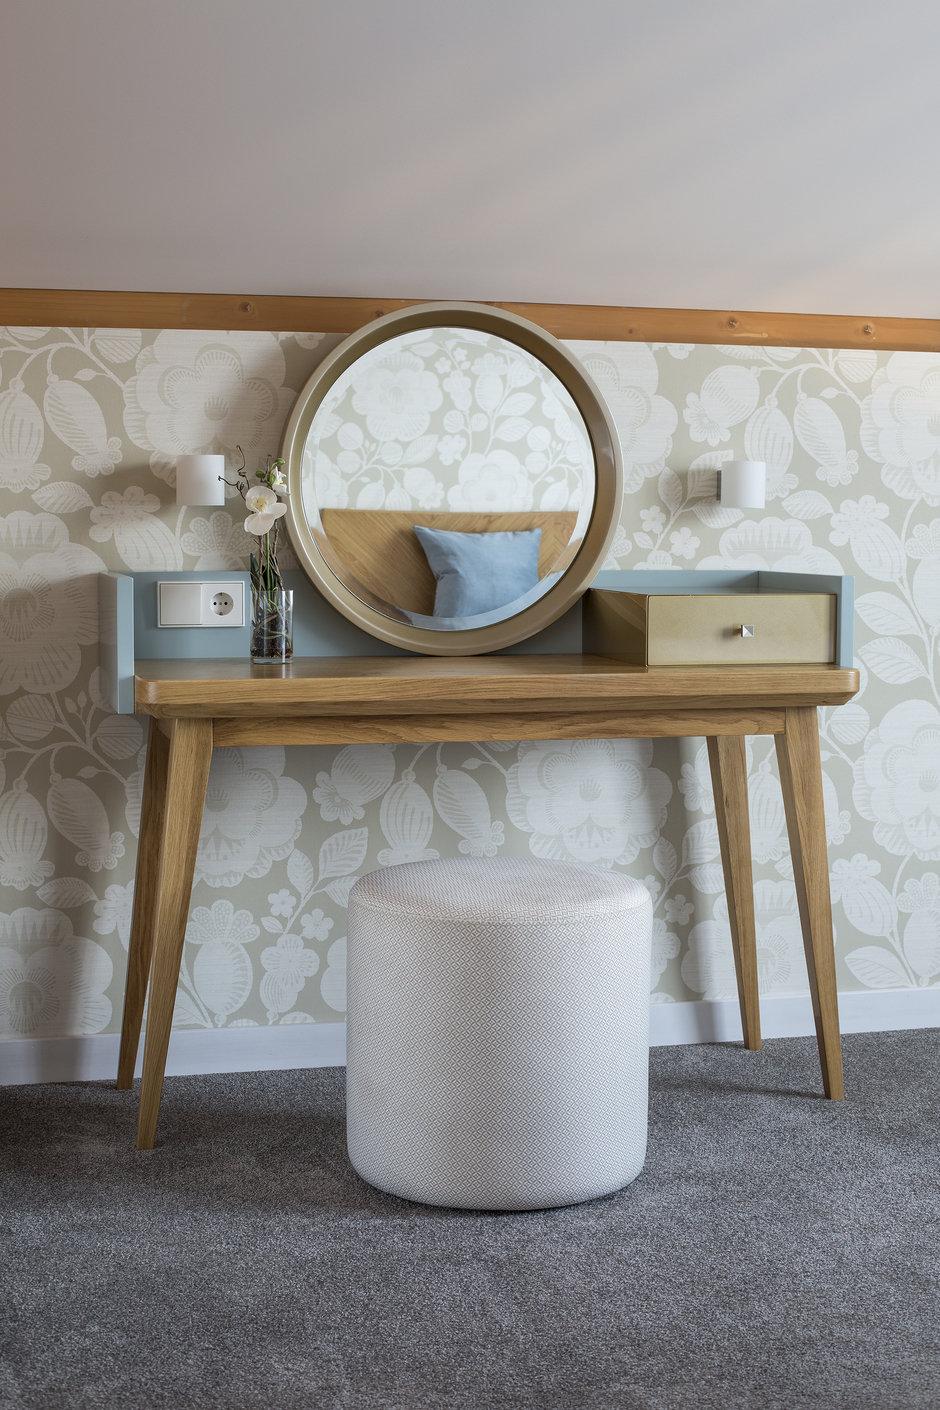 Фотография: Спальня в стиле Современный, Дом, 4 и больше, Более 90 метров, Студия TS Design, #эксклюзивныепроекты – фото на InMyRoom.ru